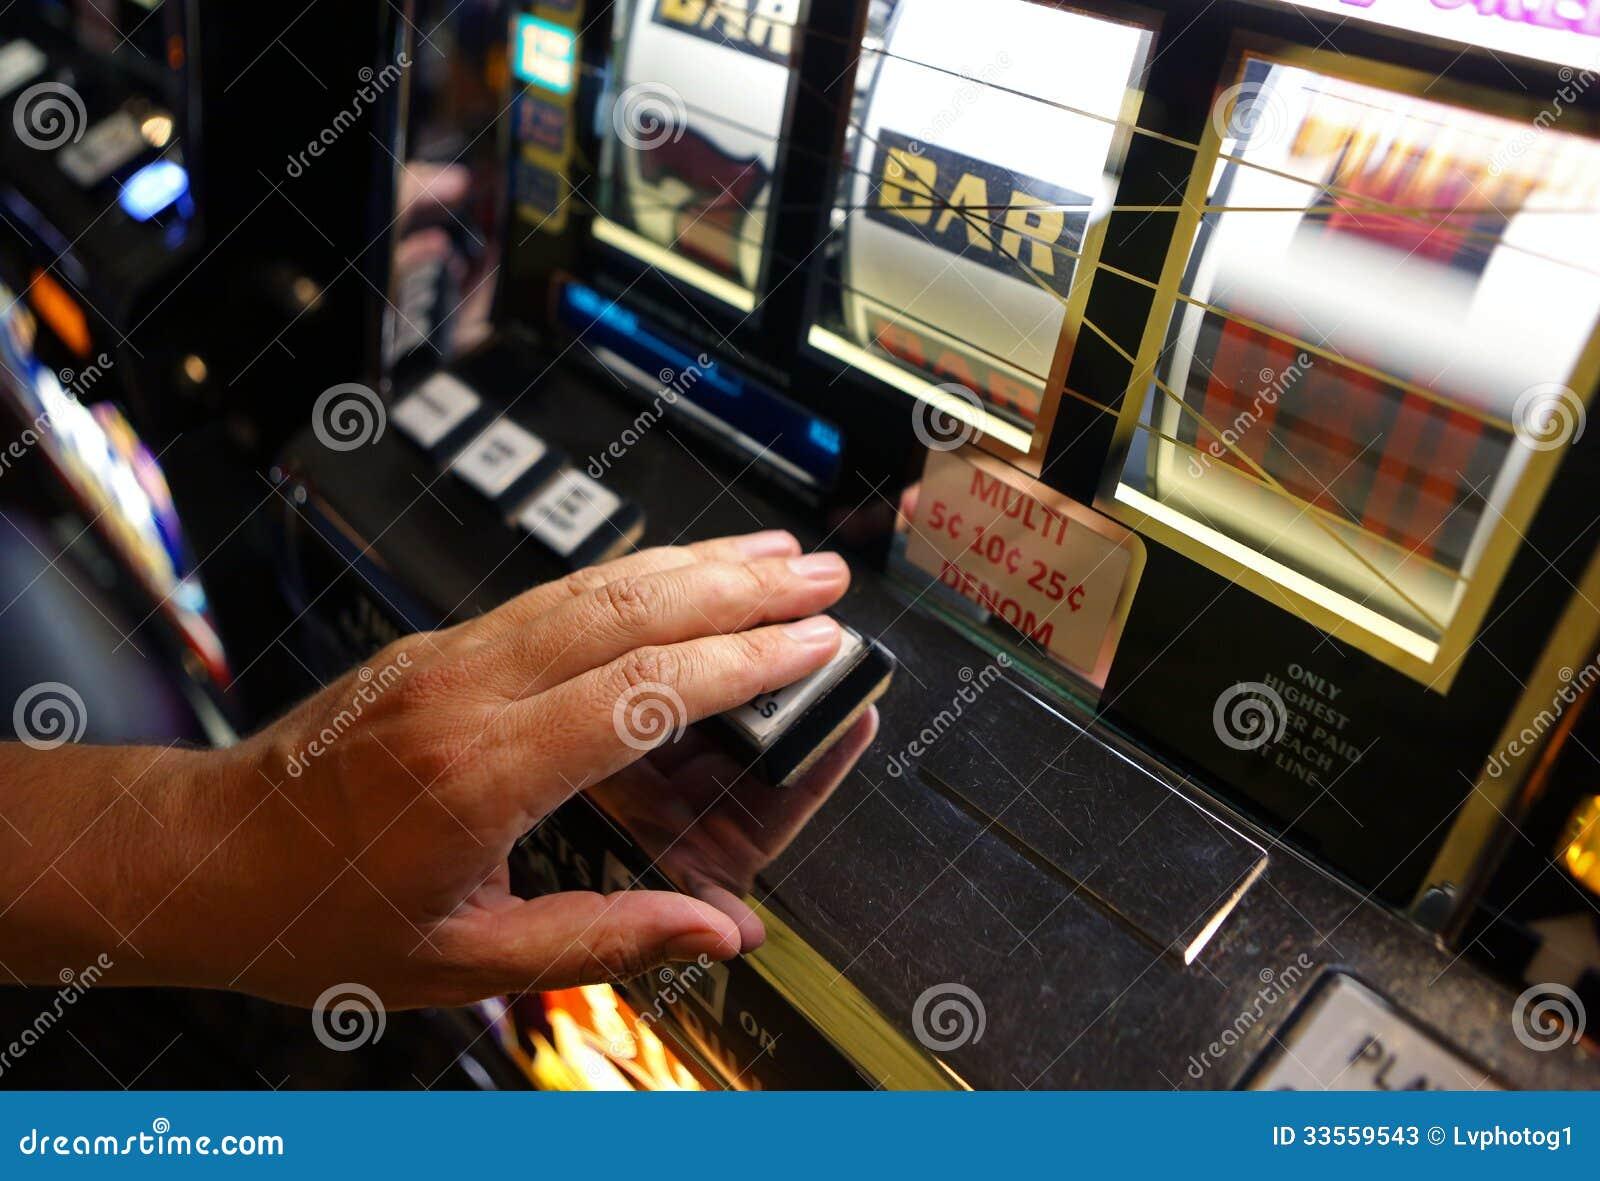 Slotmachine.De